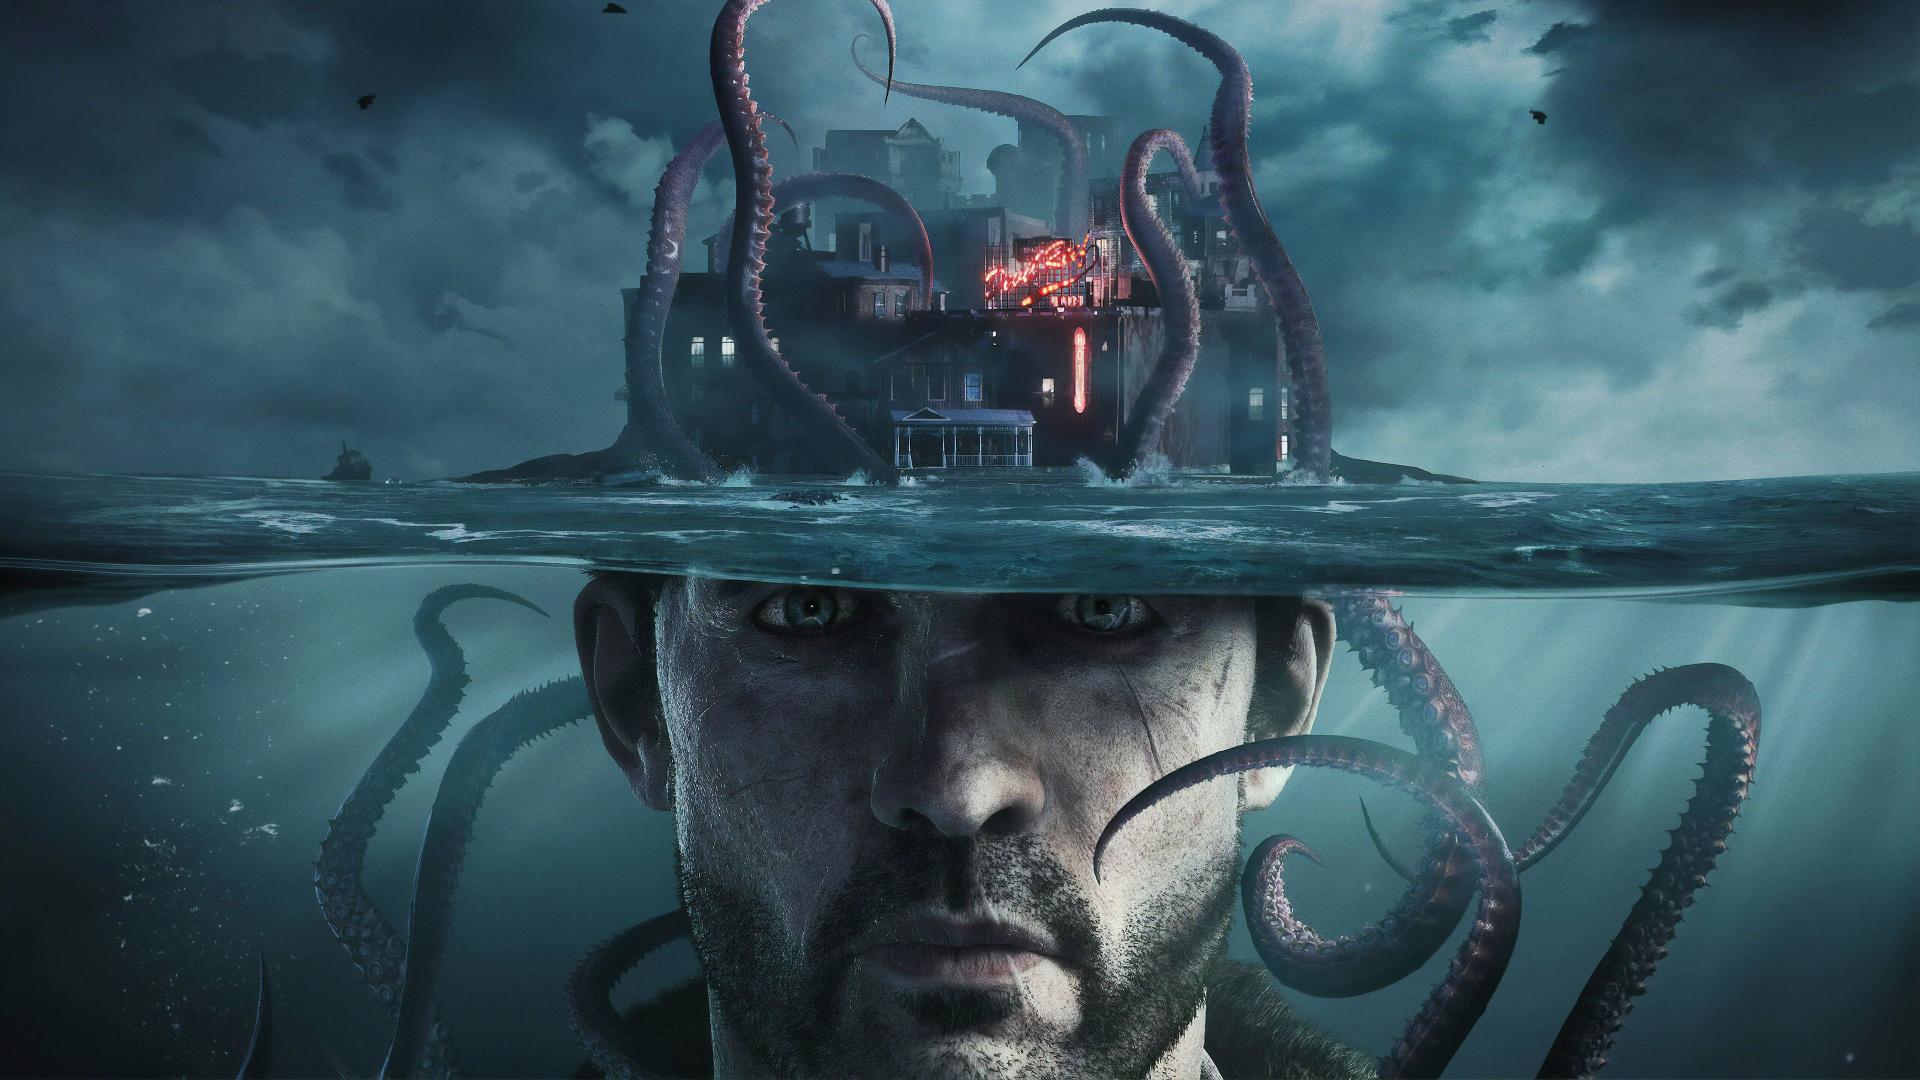 Обладатели цифровой копии The Sinking City на Xbox One больше не могут загрузить игру